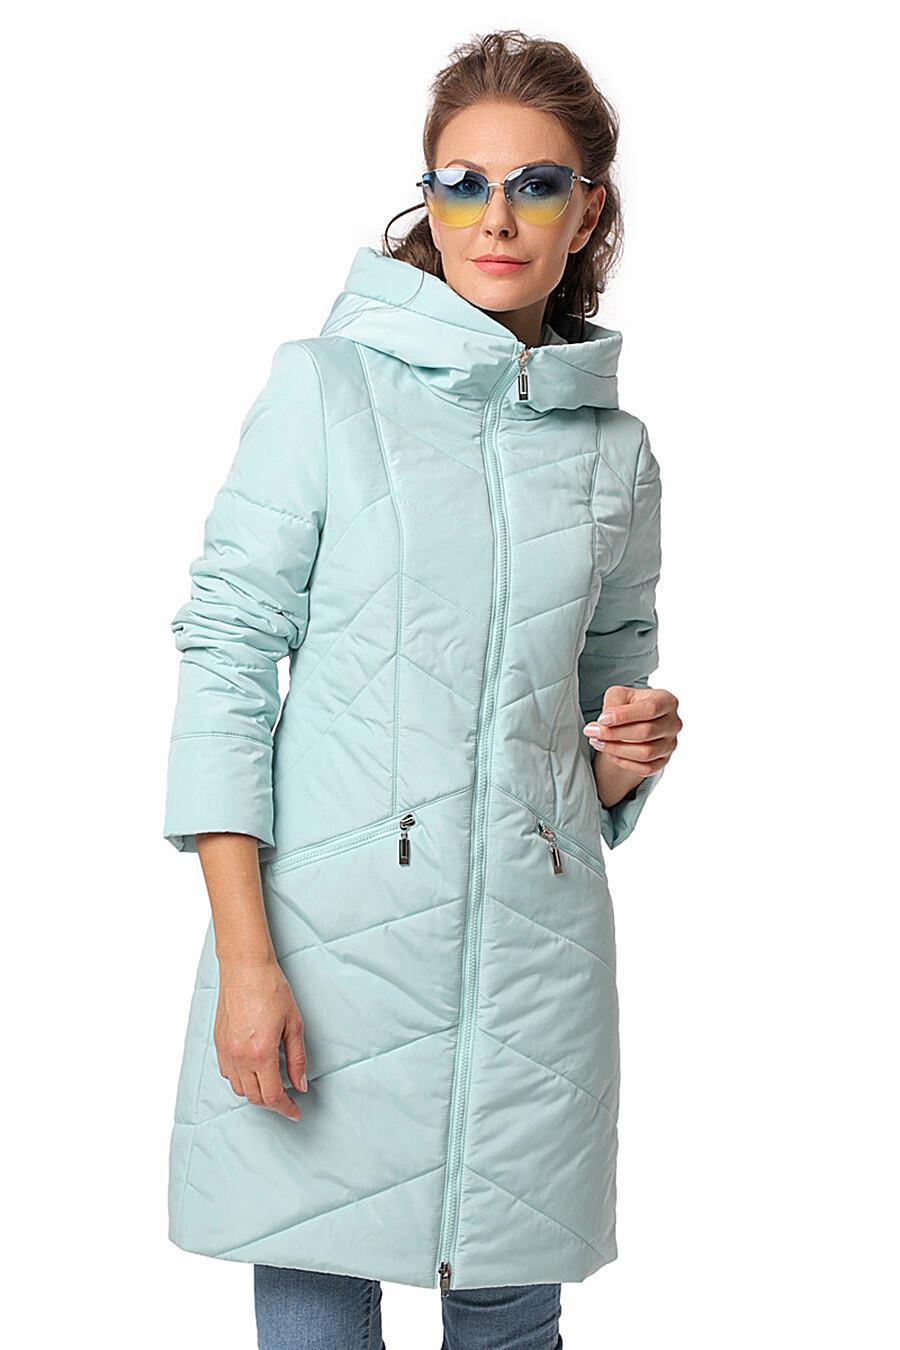 Плащ для женщин DIWAY 169589 купить оптом от производителя. Совместная покупка женской одежды в OptMoyo